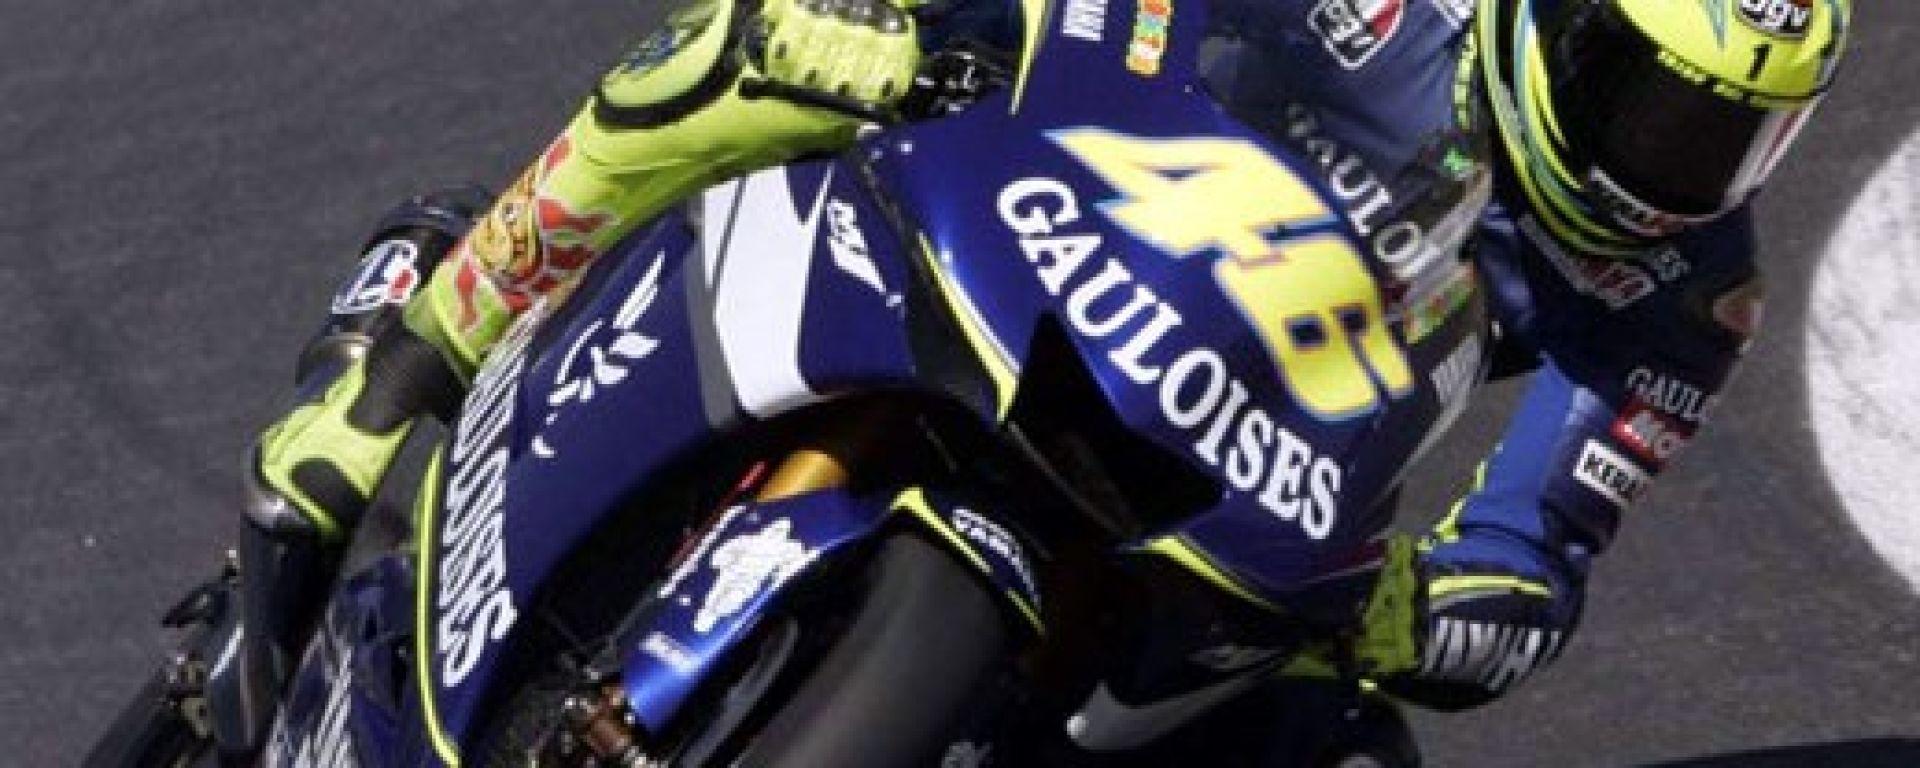 Moto GP 2005: tutti contro Vale